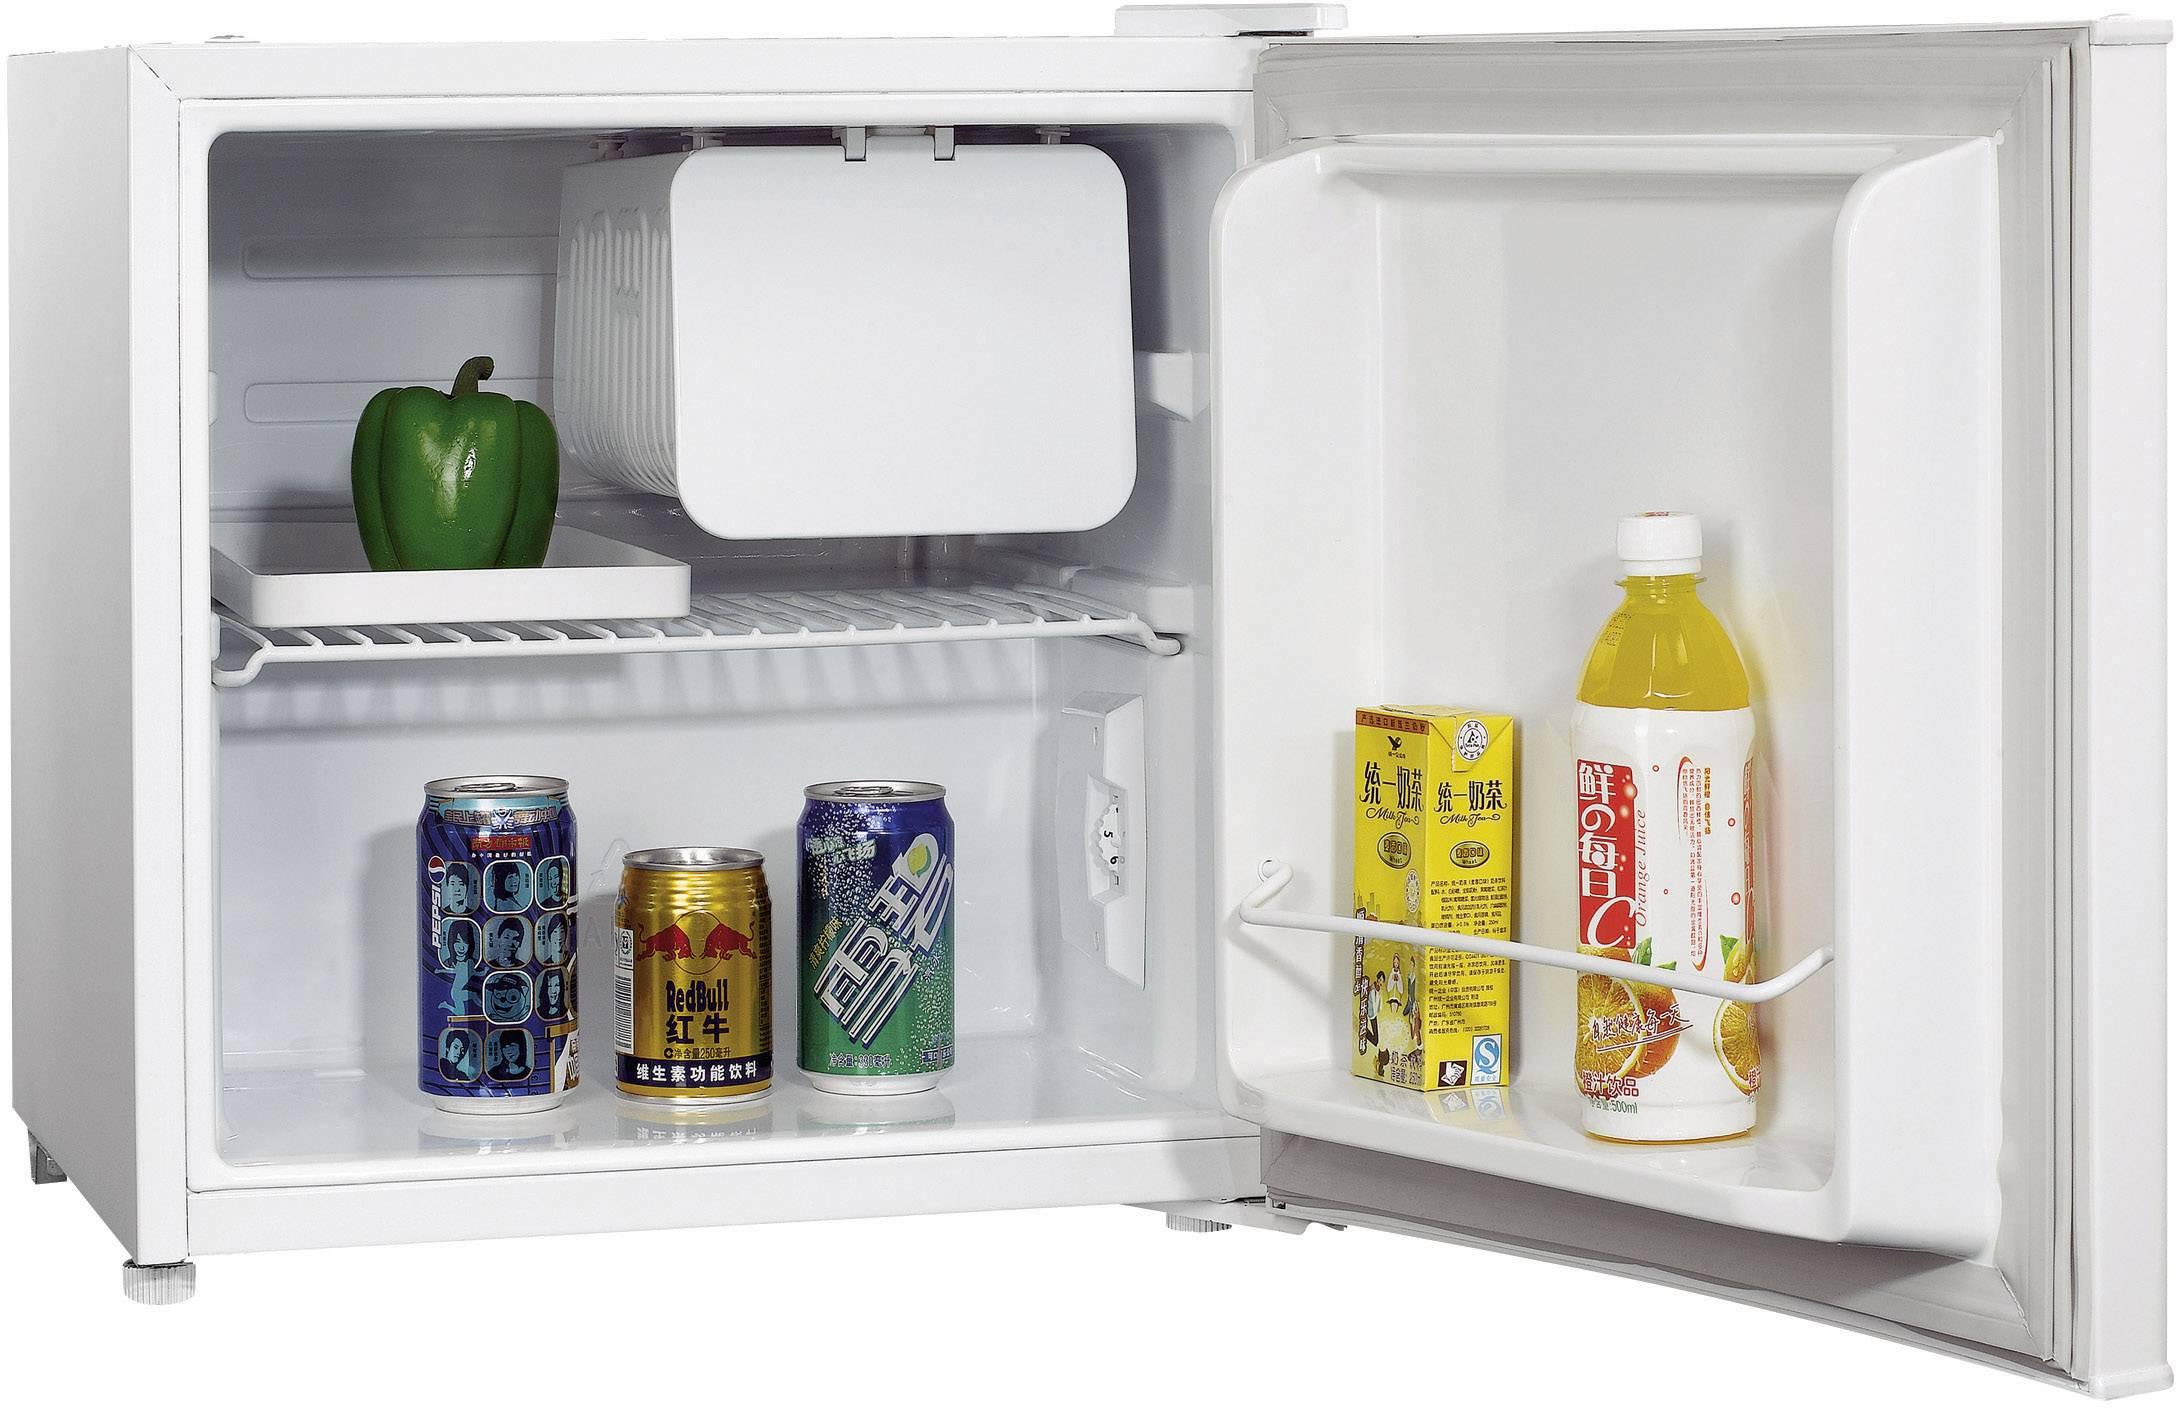 Kleiner Kühlschrank Ohne Gefrierfach : Silva kb mini kühlschrank